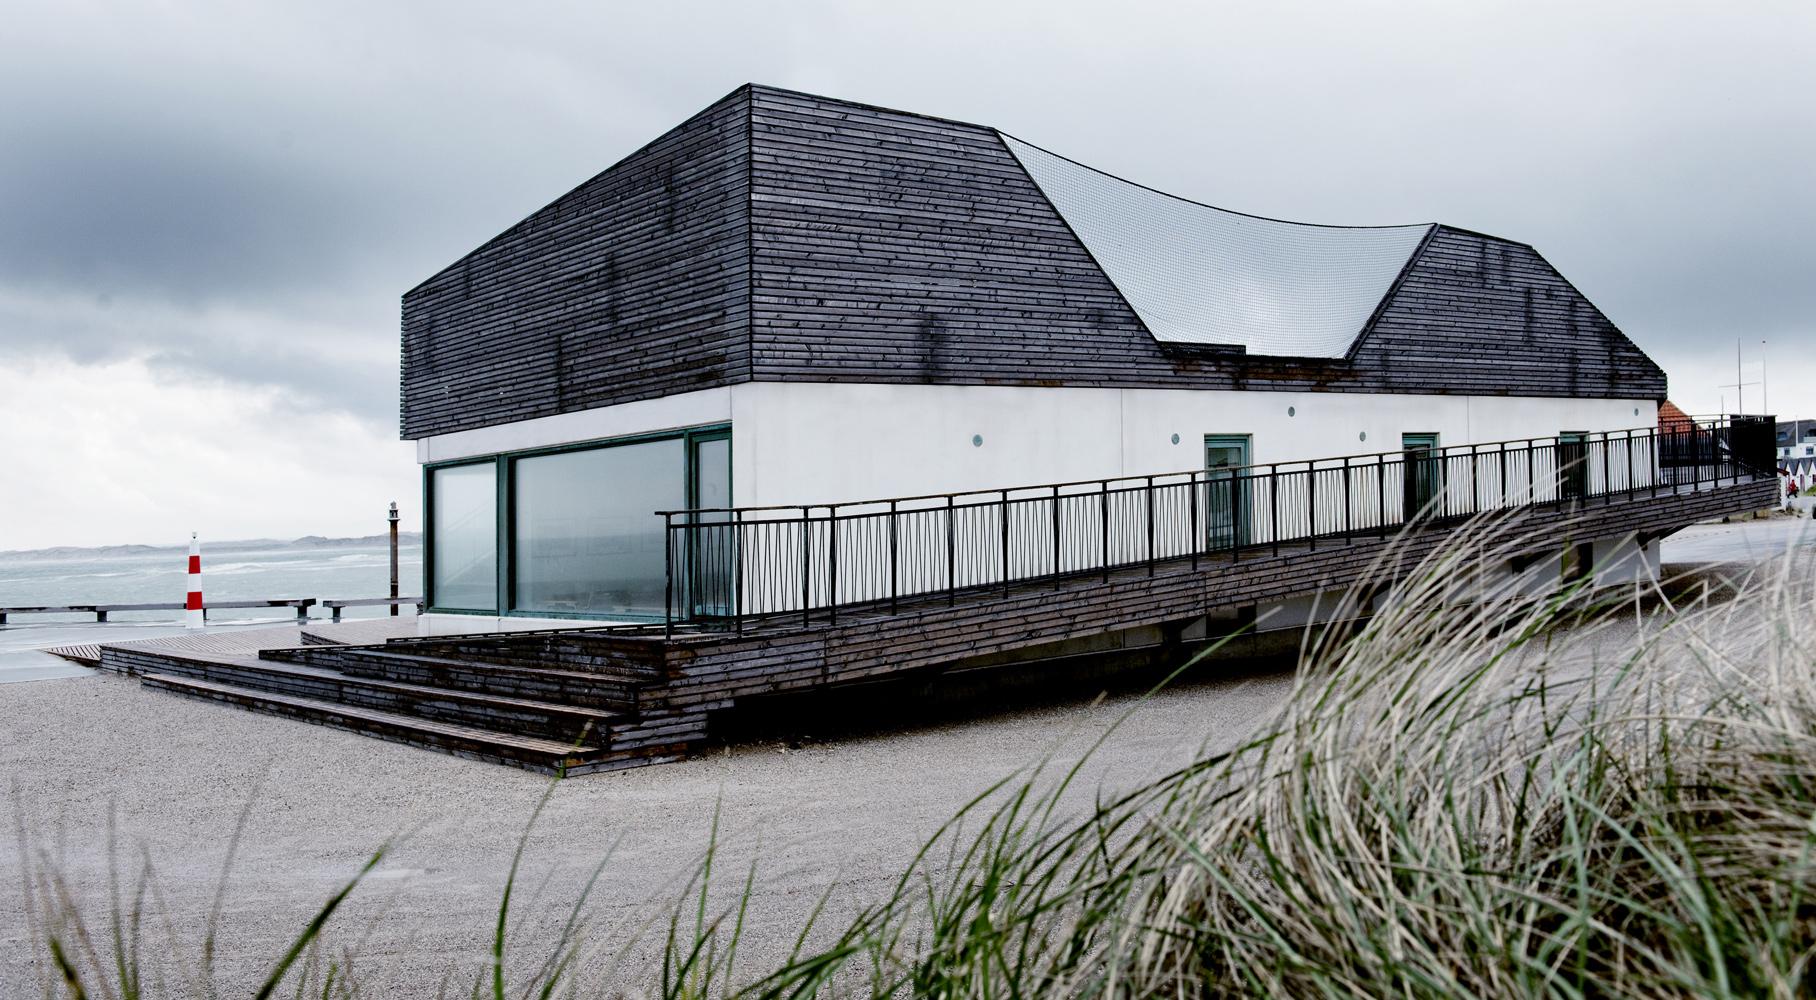 Bygning med rampe i træ, der snor sig rundt om bygning. Beliggende på strand.